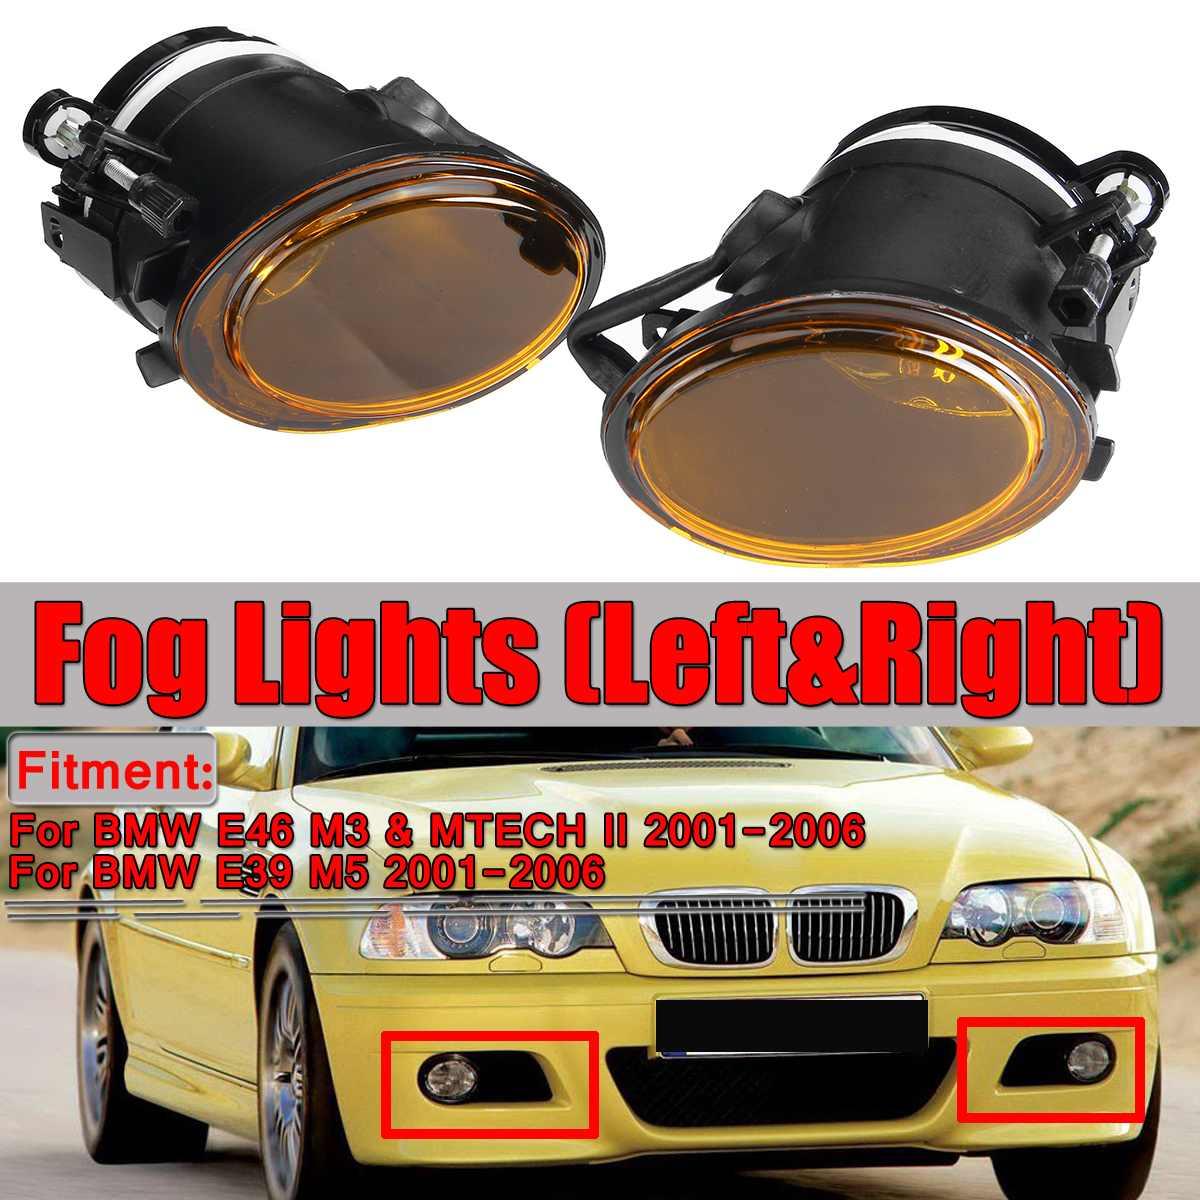 2x E46 E39 ambre voiture avant antibrouillard assemblage pour BMW E46 M3 & MTECH II & E39 M5 2001-2006 pas d'ampoules voiture brouillard lampe lumière logement